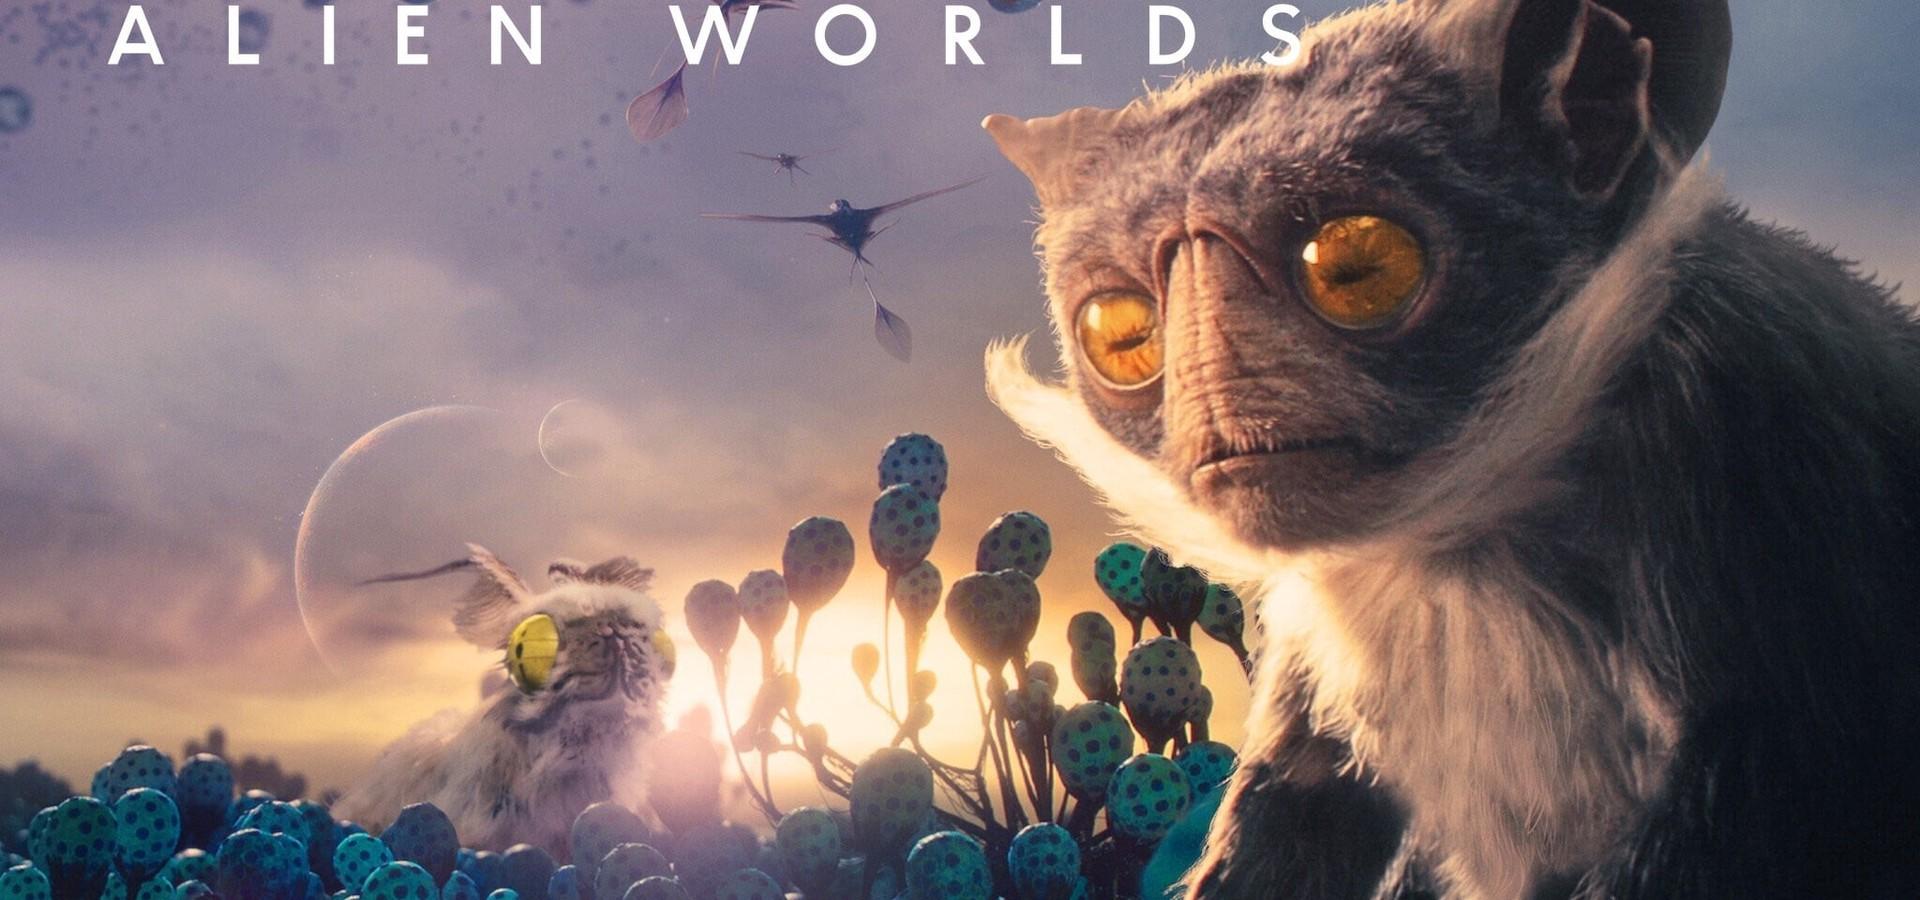 Alien Worlds